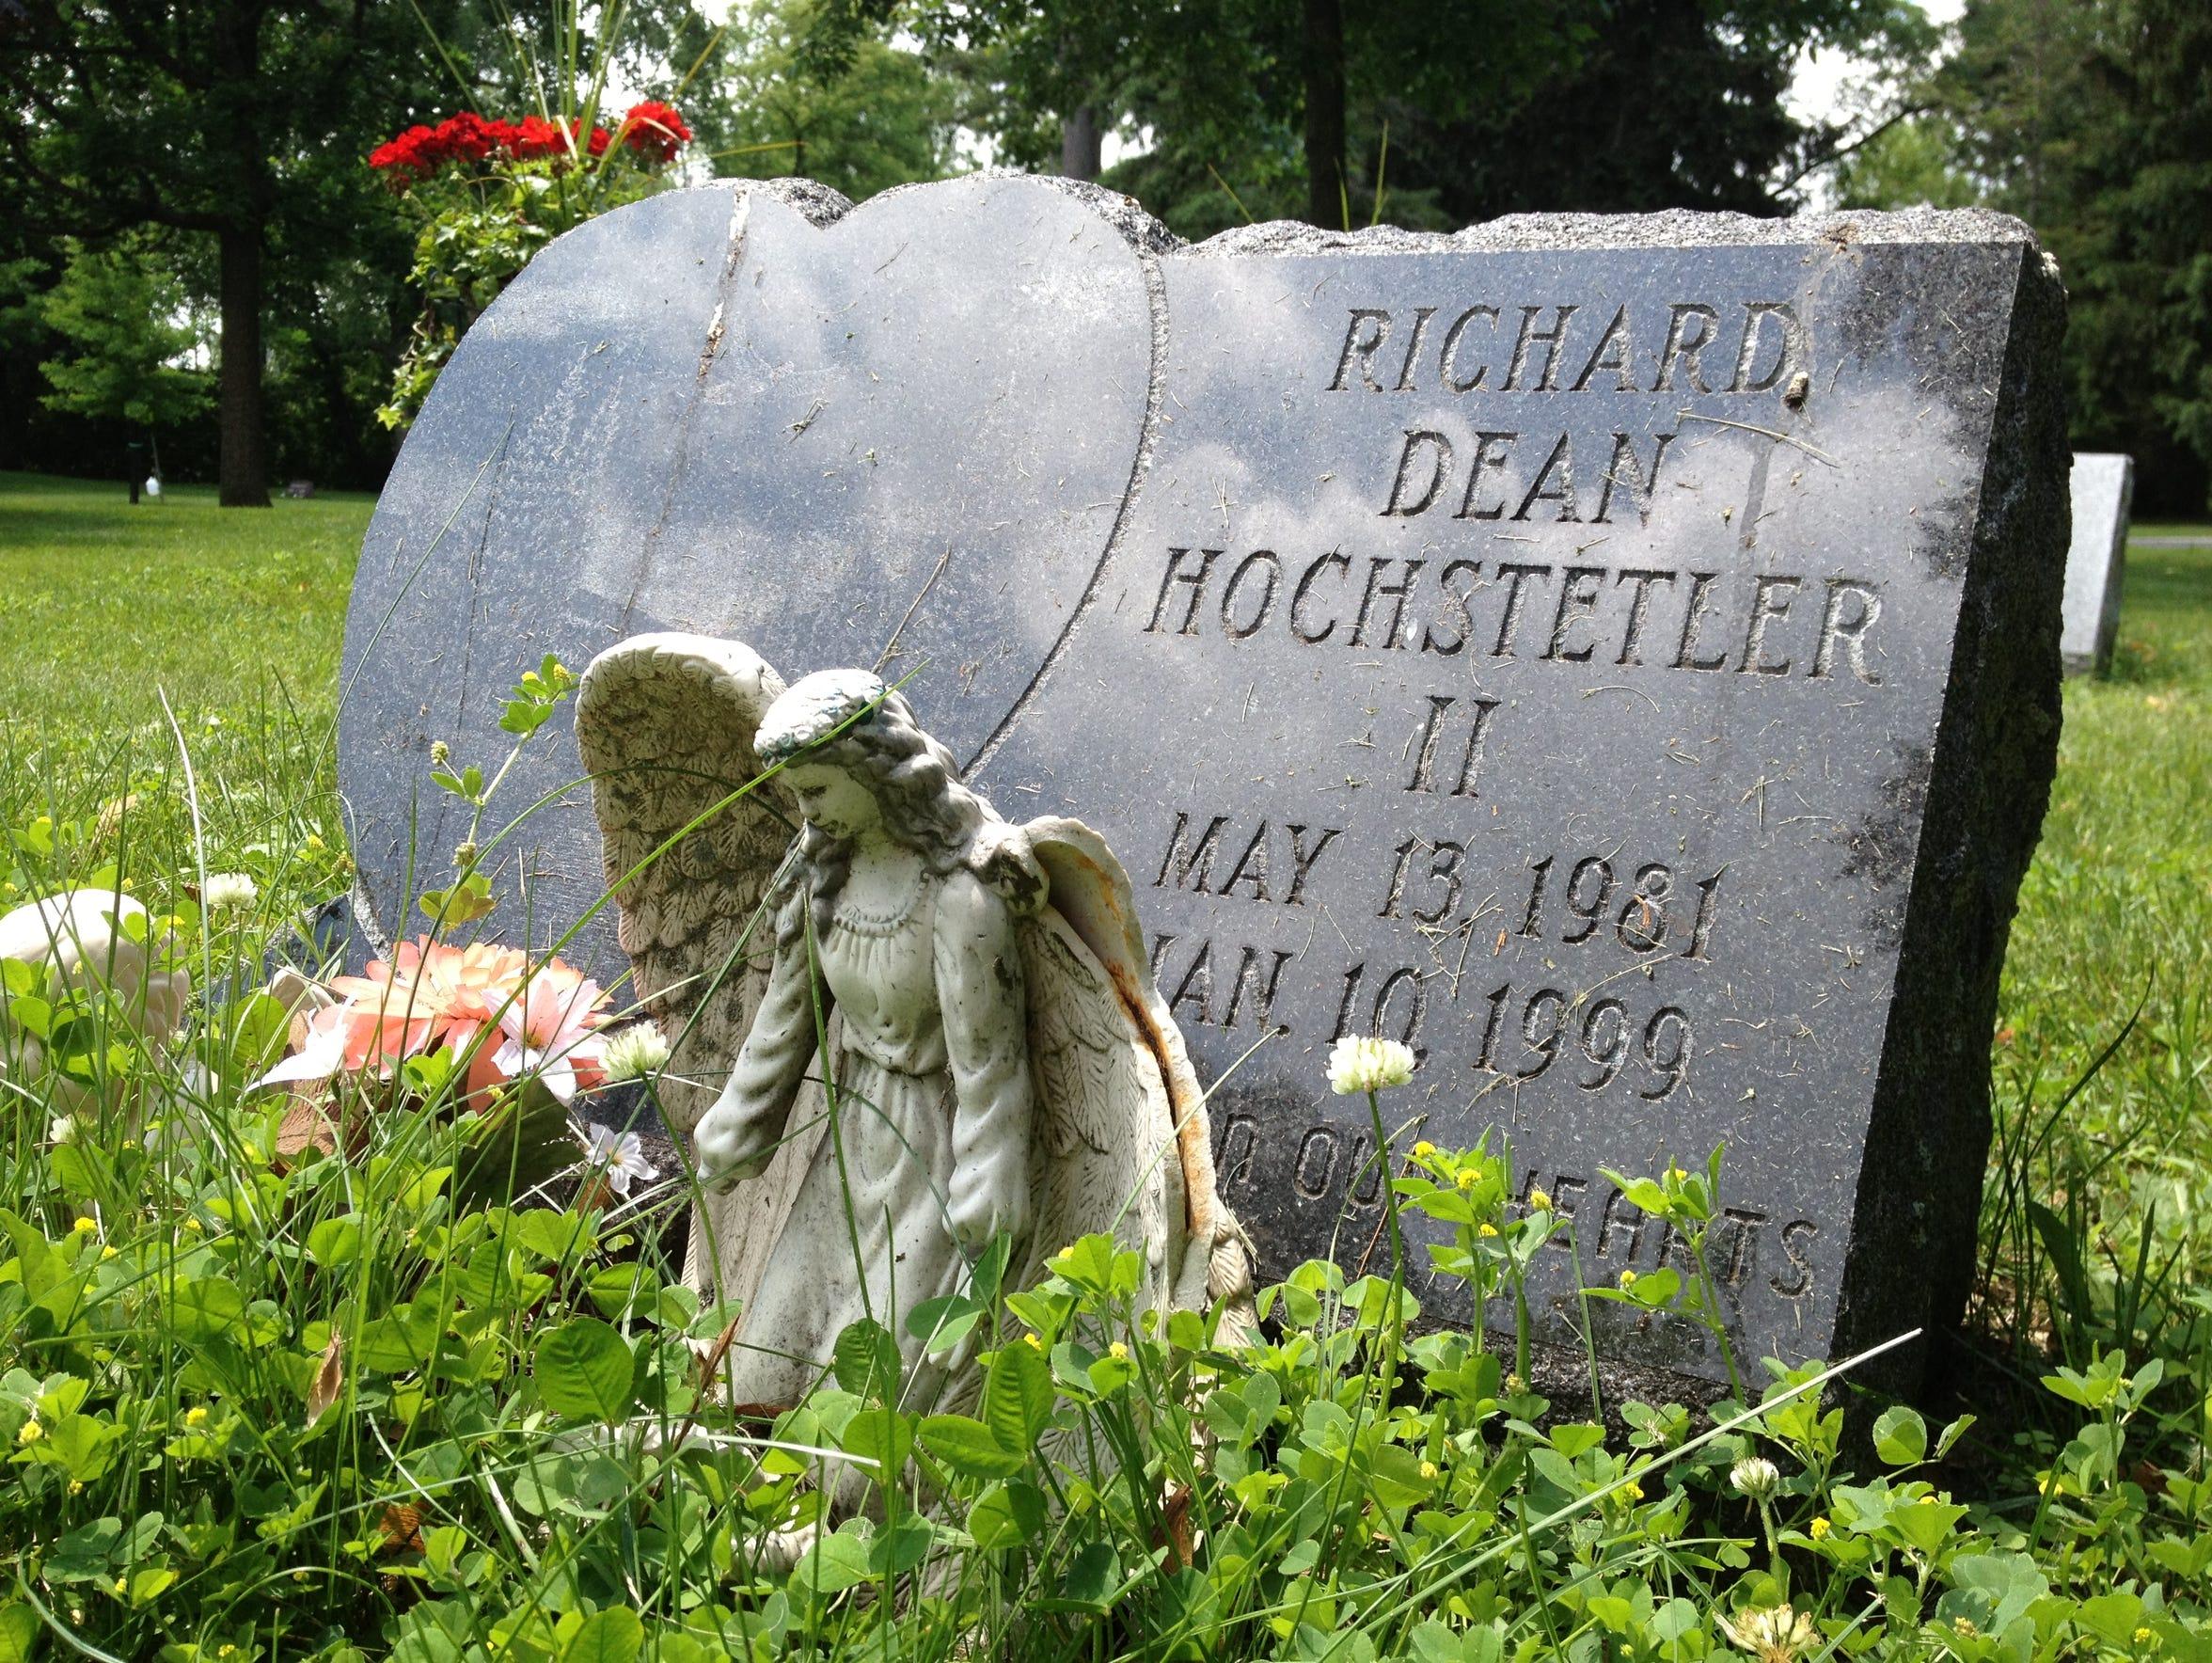 Richard Dean Hochstetler's gravesite at Evergreen Cemetery